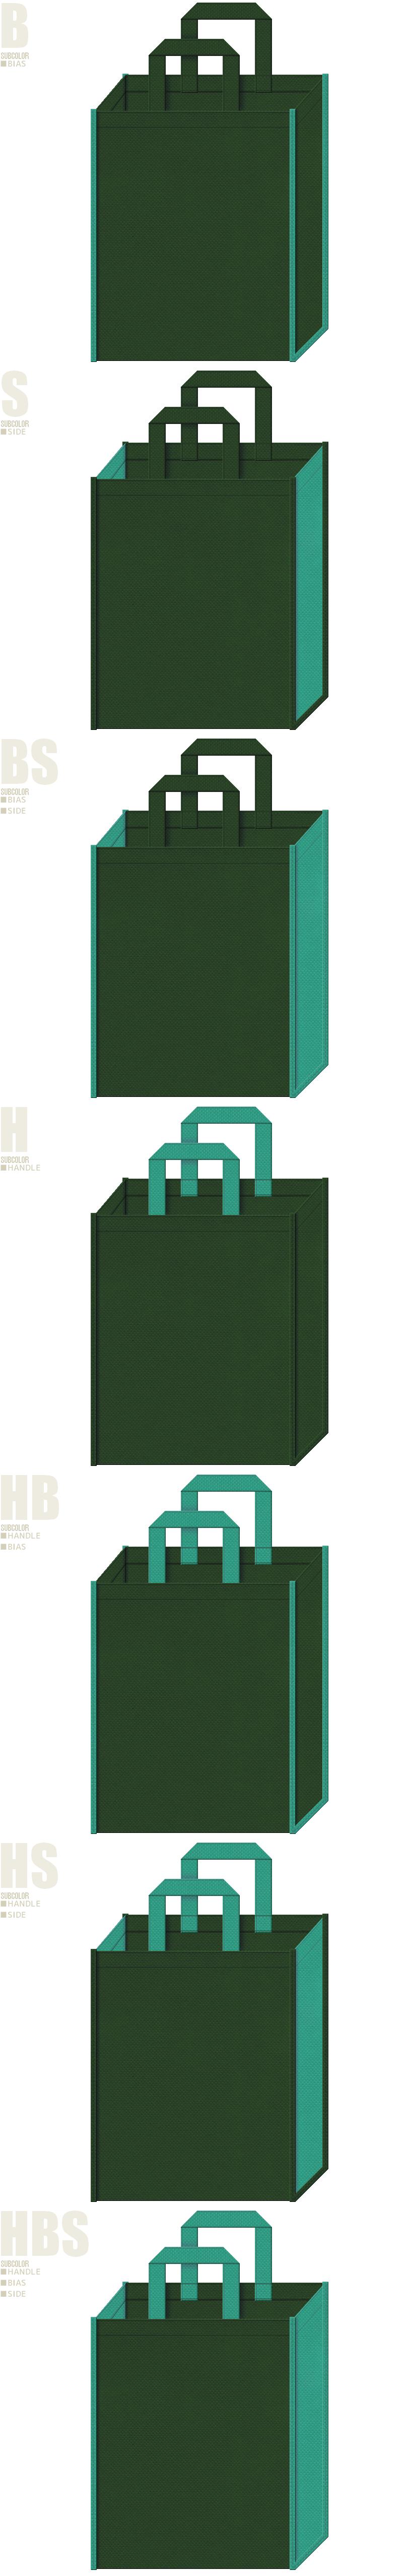 濃緑色と青緑色、7パターンの不織布トートバッグ配色デザイン例。